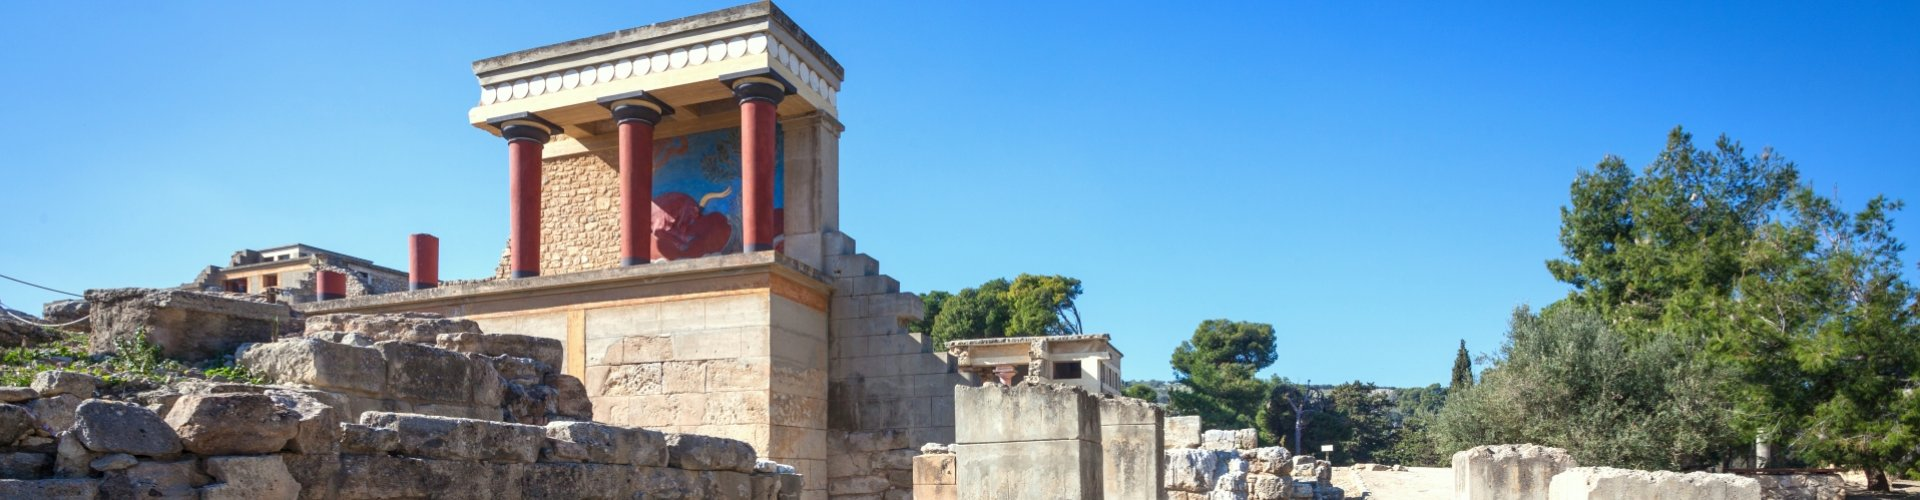 Ausflugsziel Palast von Knossos